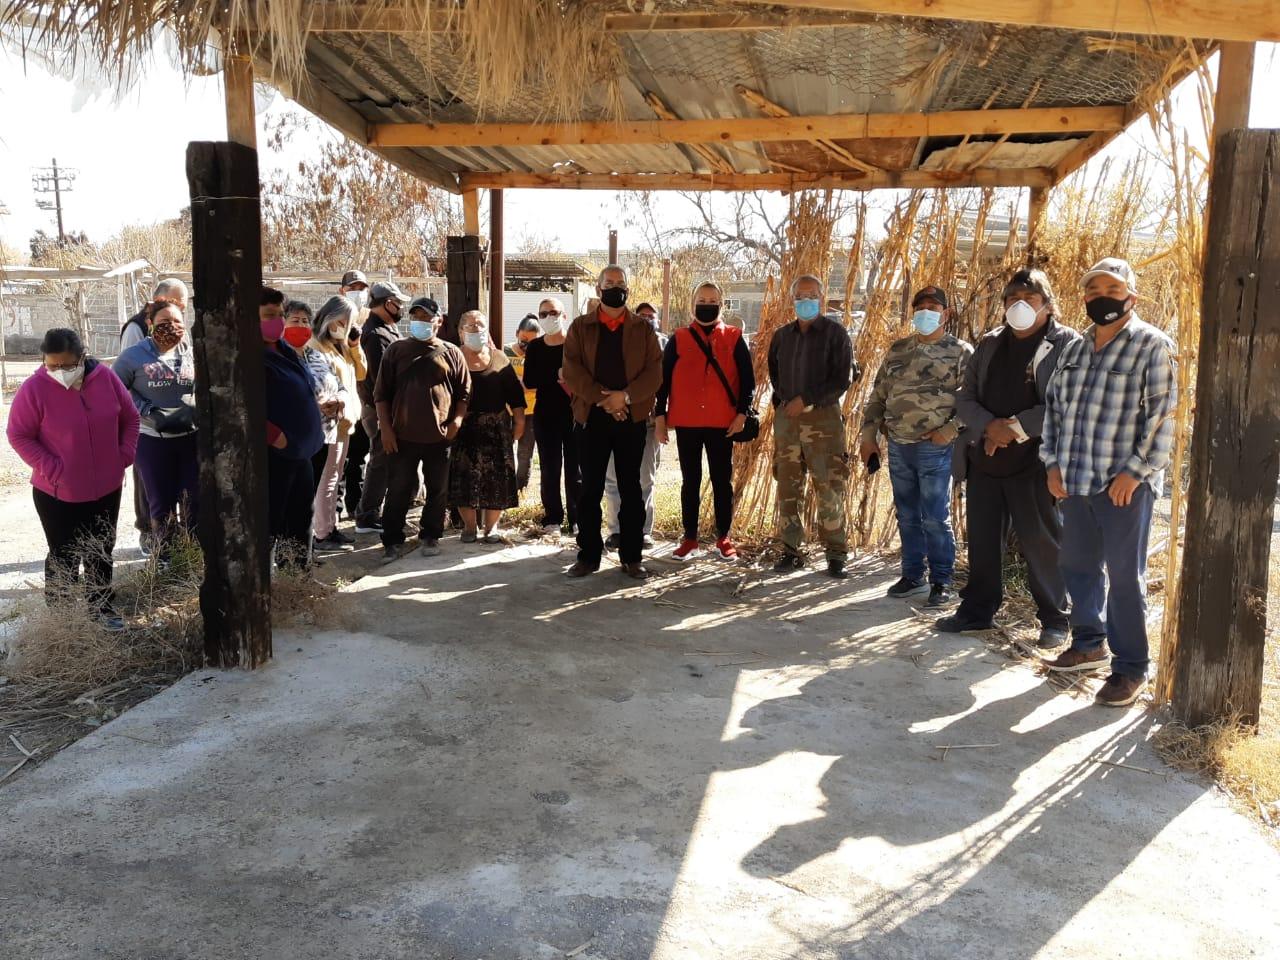 Piden comerciantes se reanude actividad en la pulga de 'San Buena'